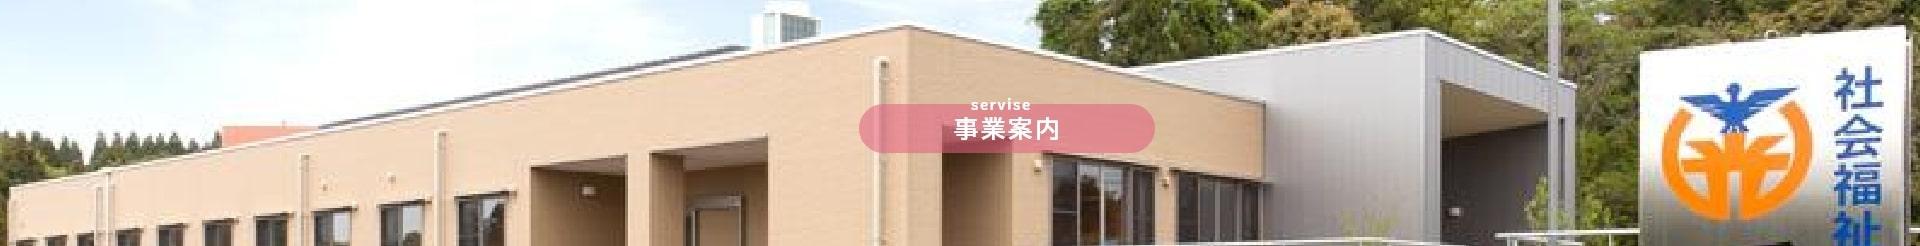 事業案内-施設入所支援・短期入所